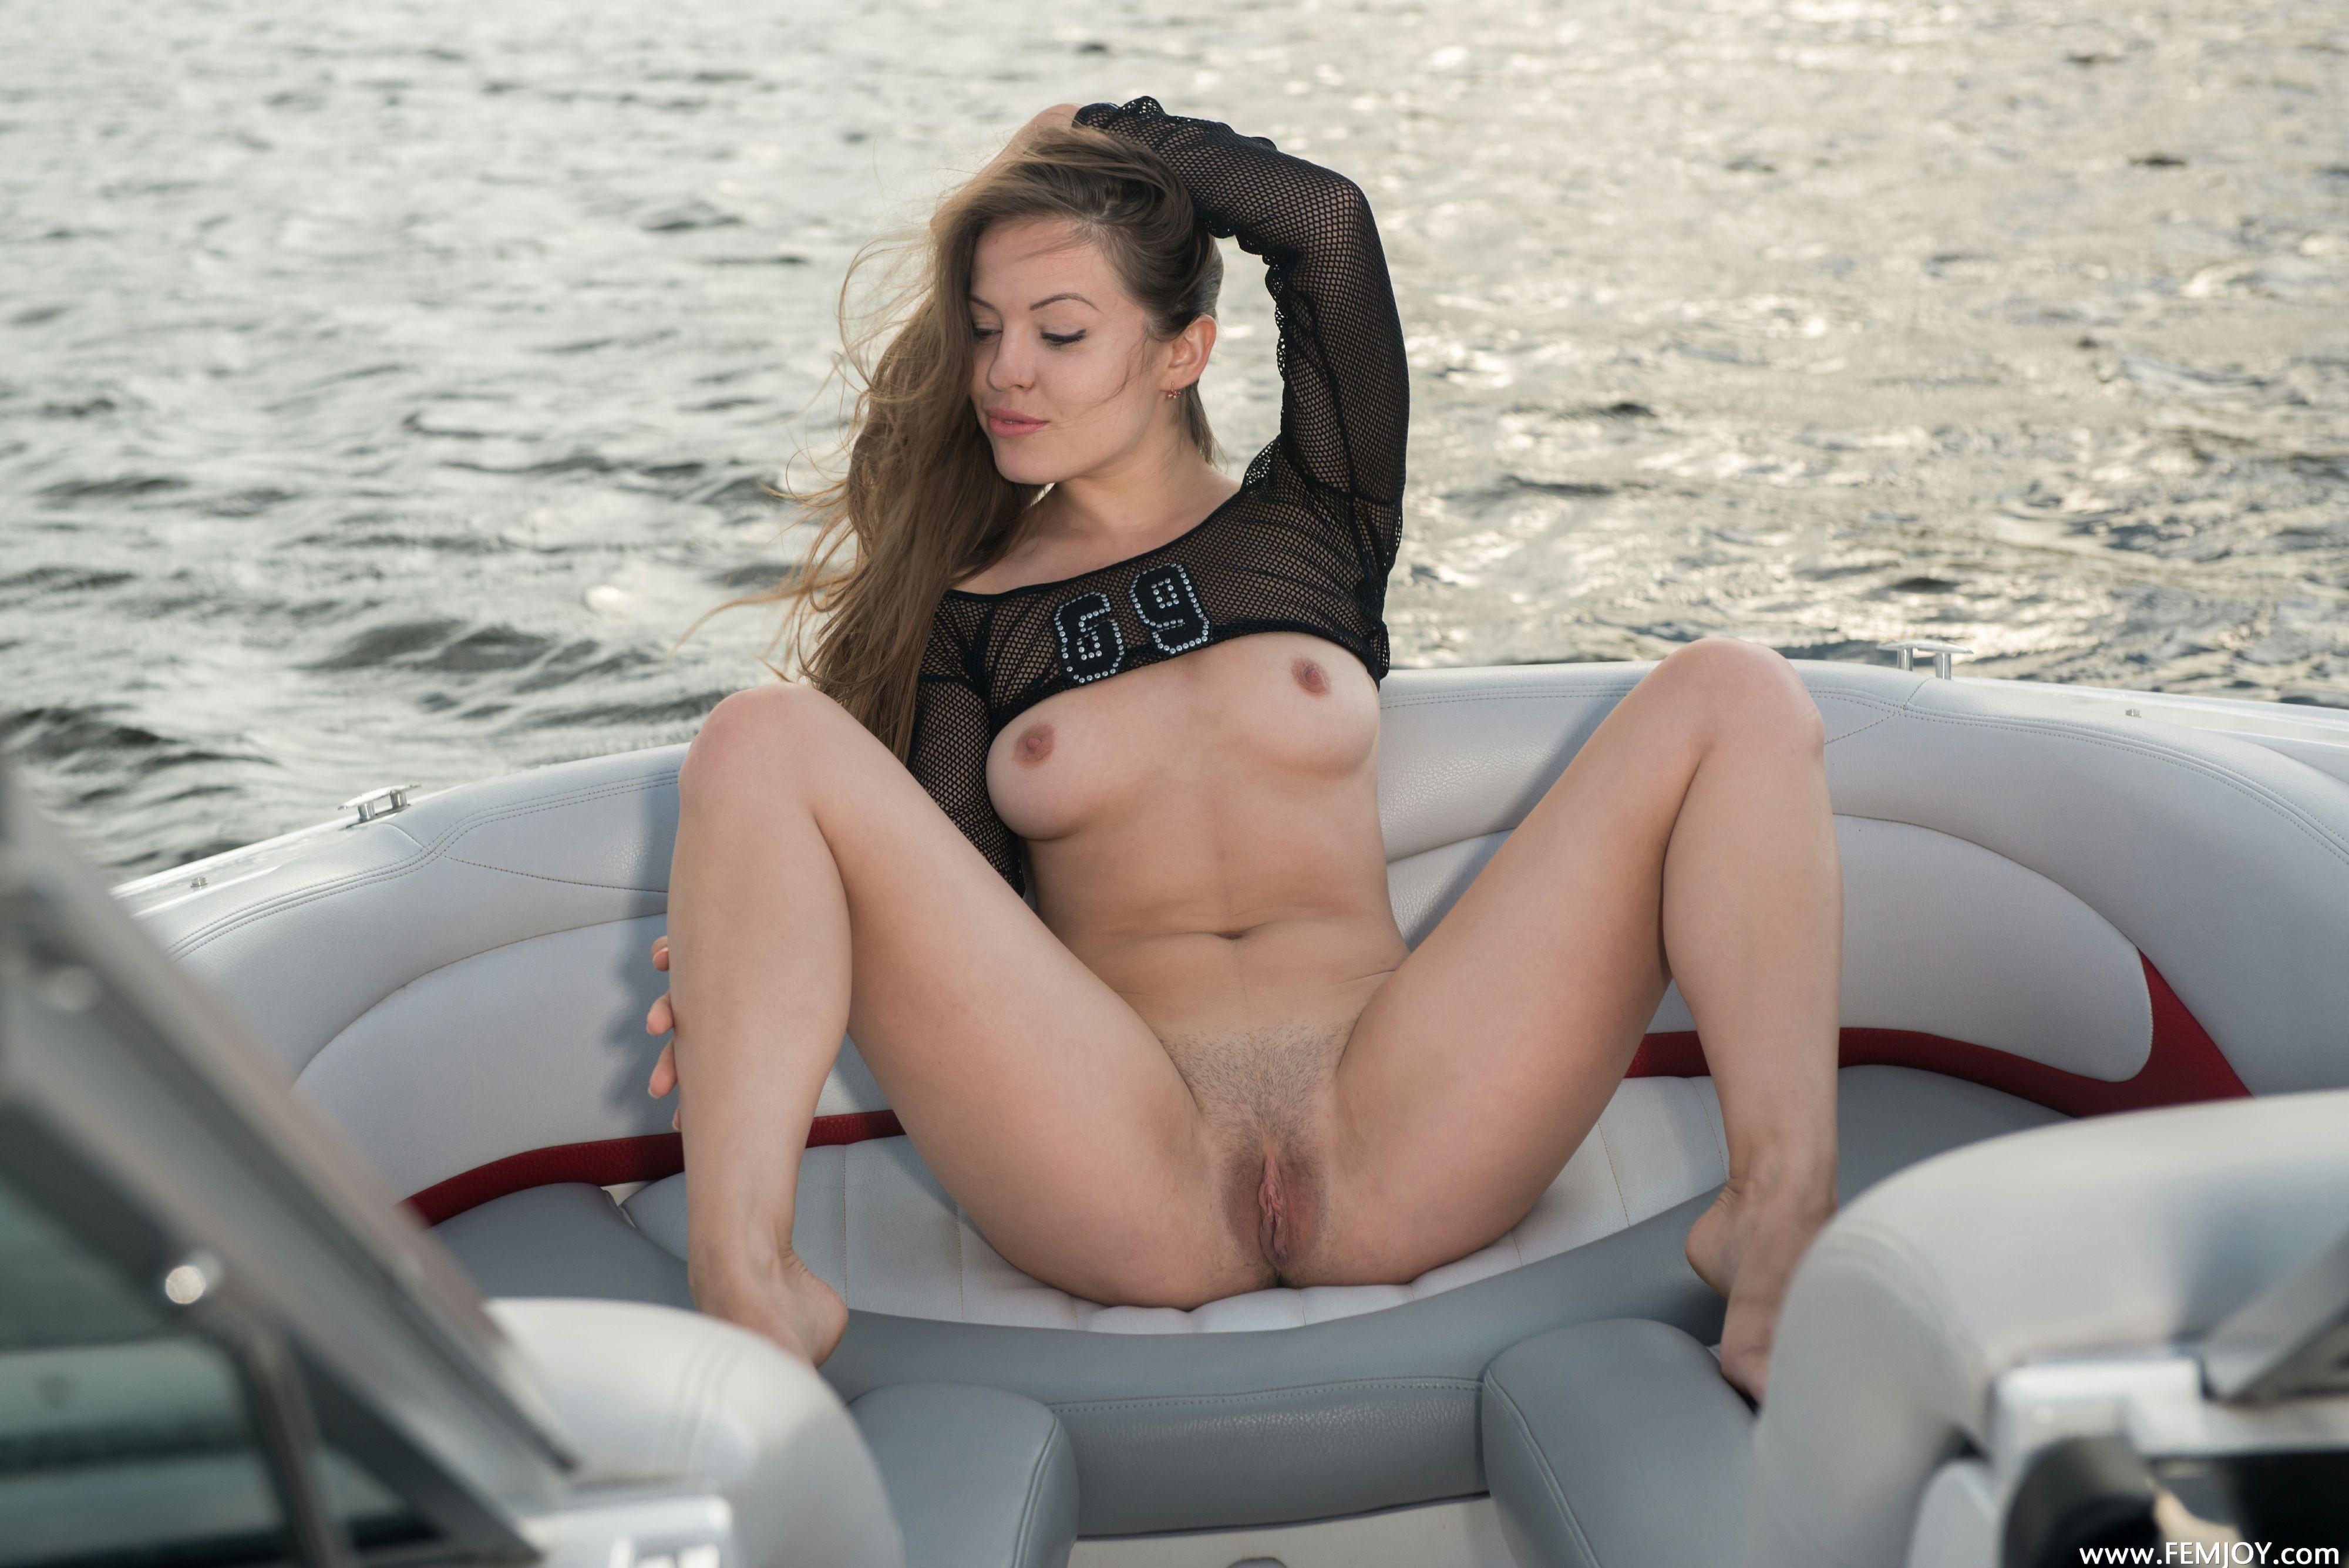 deilige norske damer japanese porn site